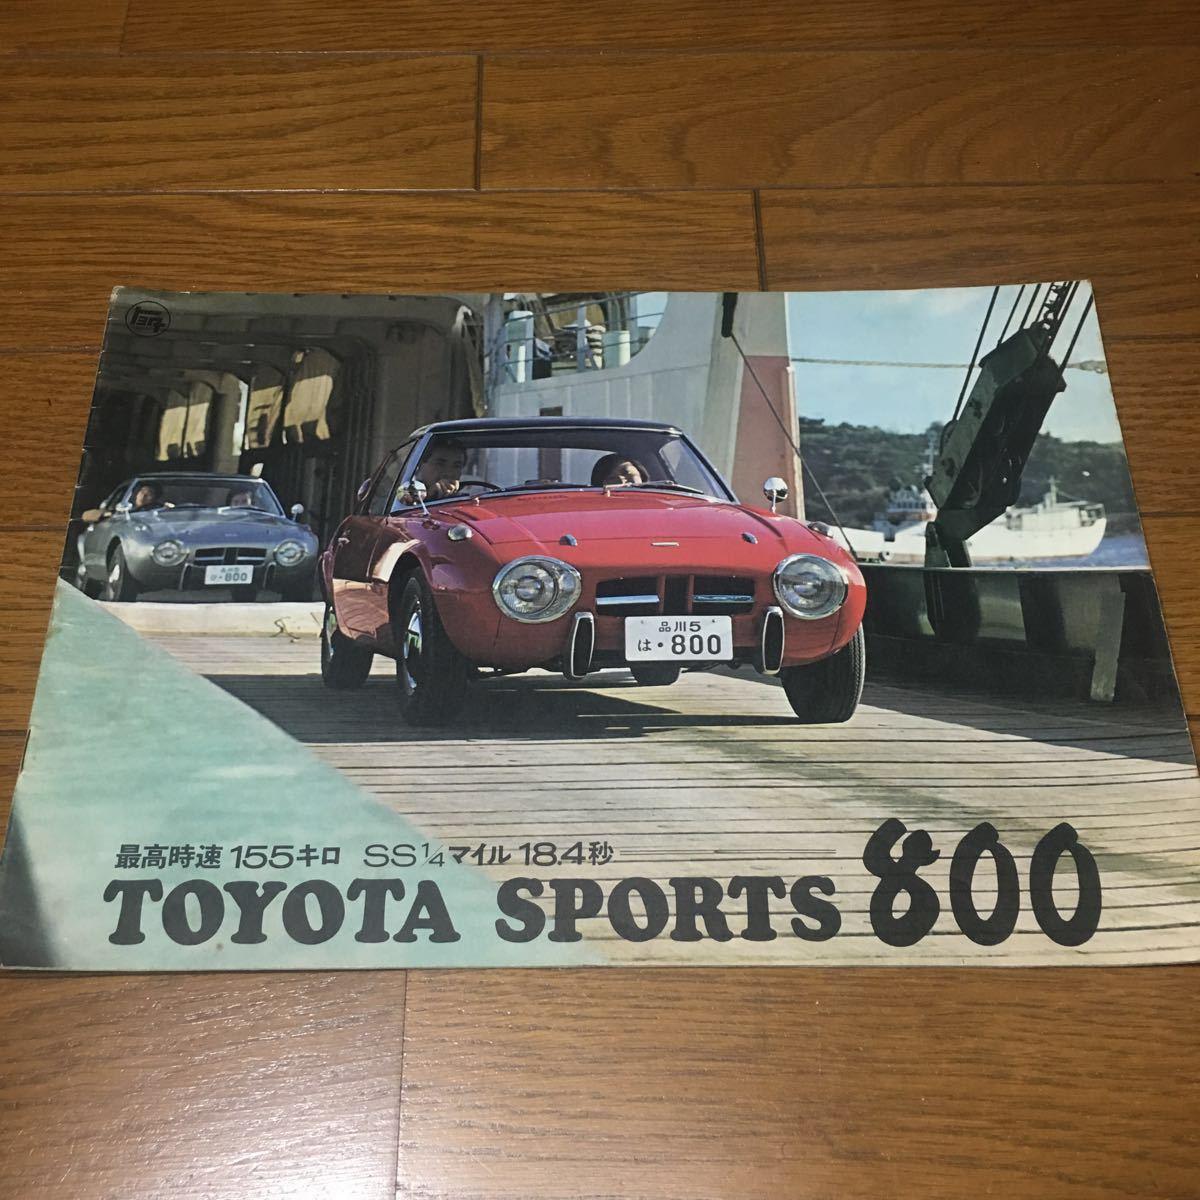 復刻版ではございません 絶版 旧車カタログ トヨタ スポーツ800 ヨタハチ 当時物 昭和 希少 貴重 美品